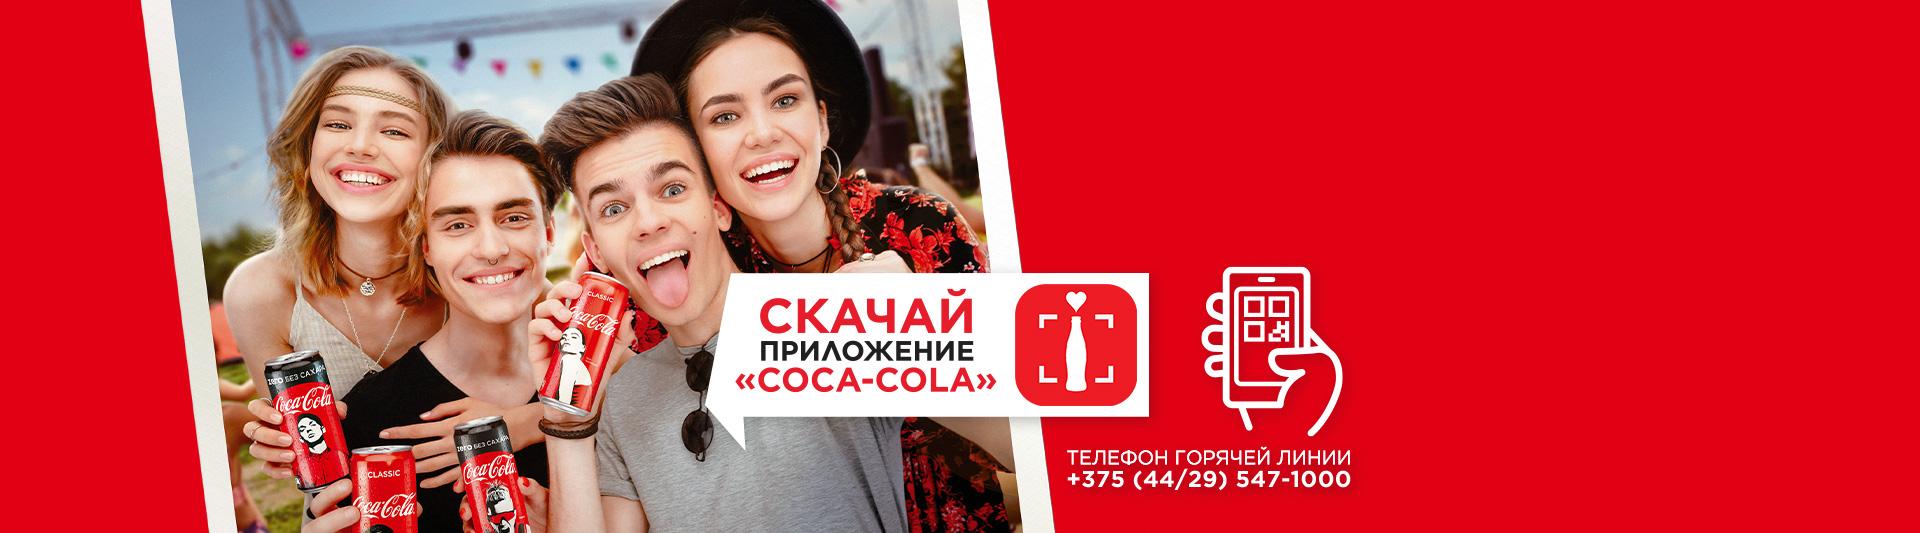 Кока кола телефон горячей туалетная вода оптом треугольники 15мл екатеринбург